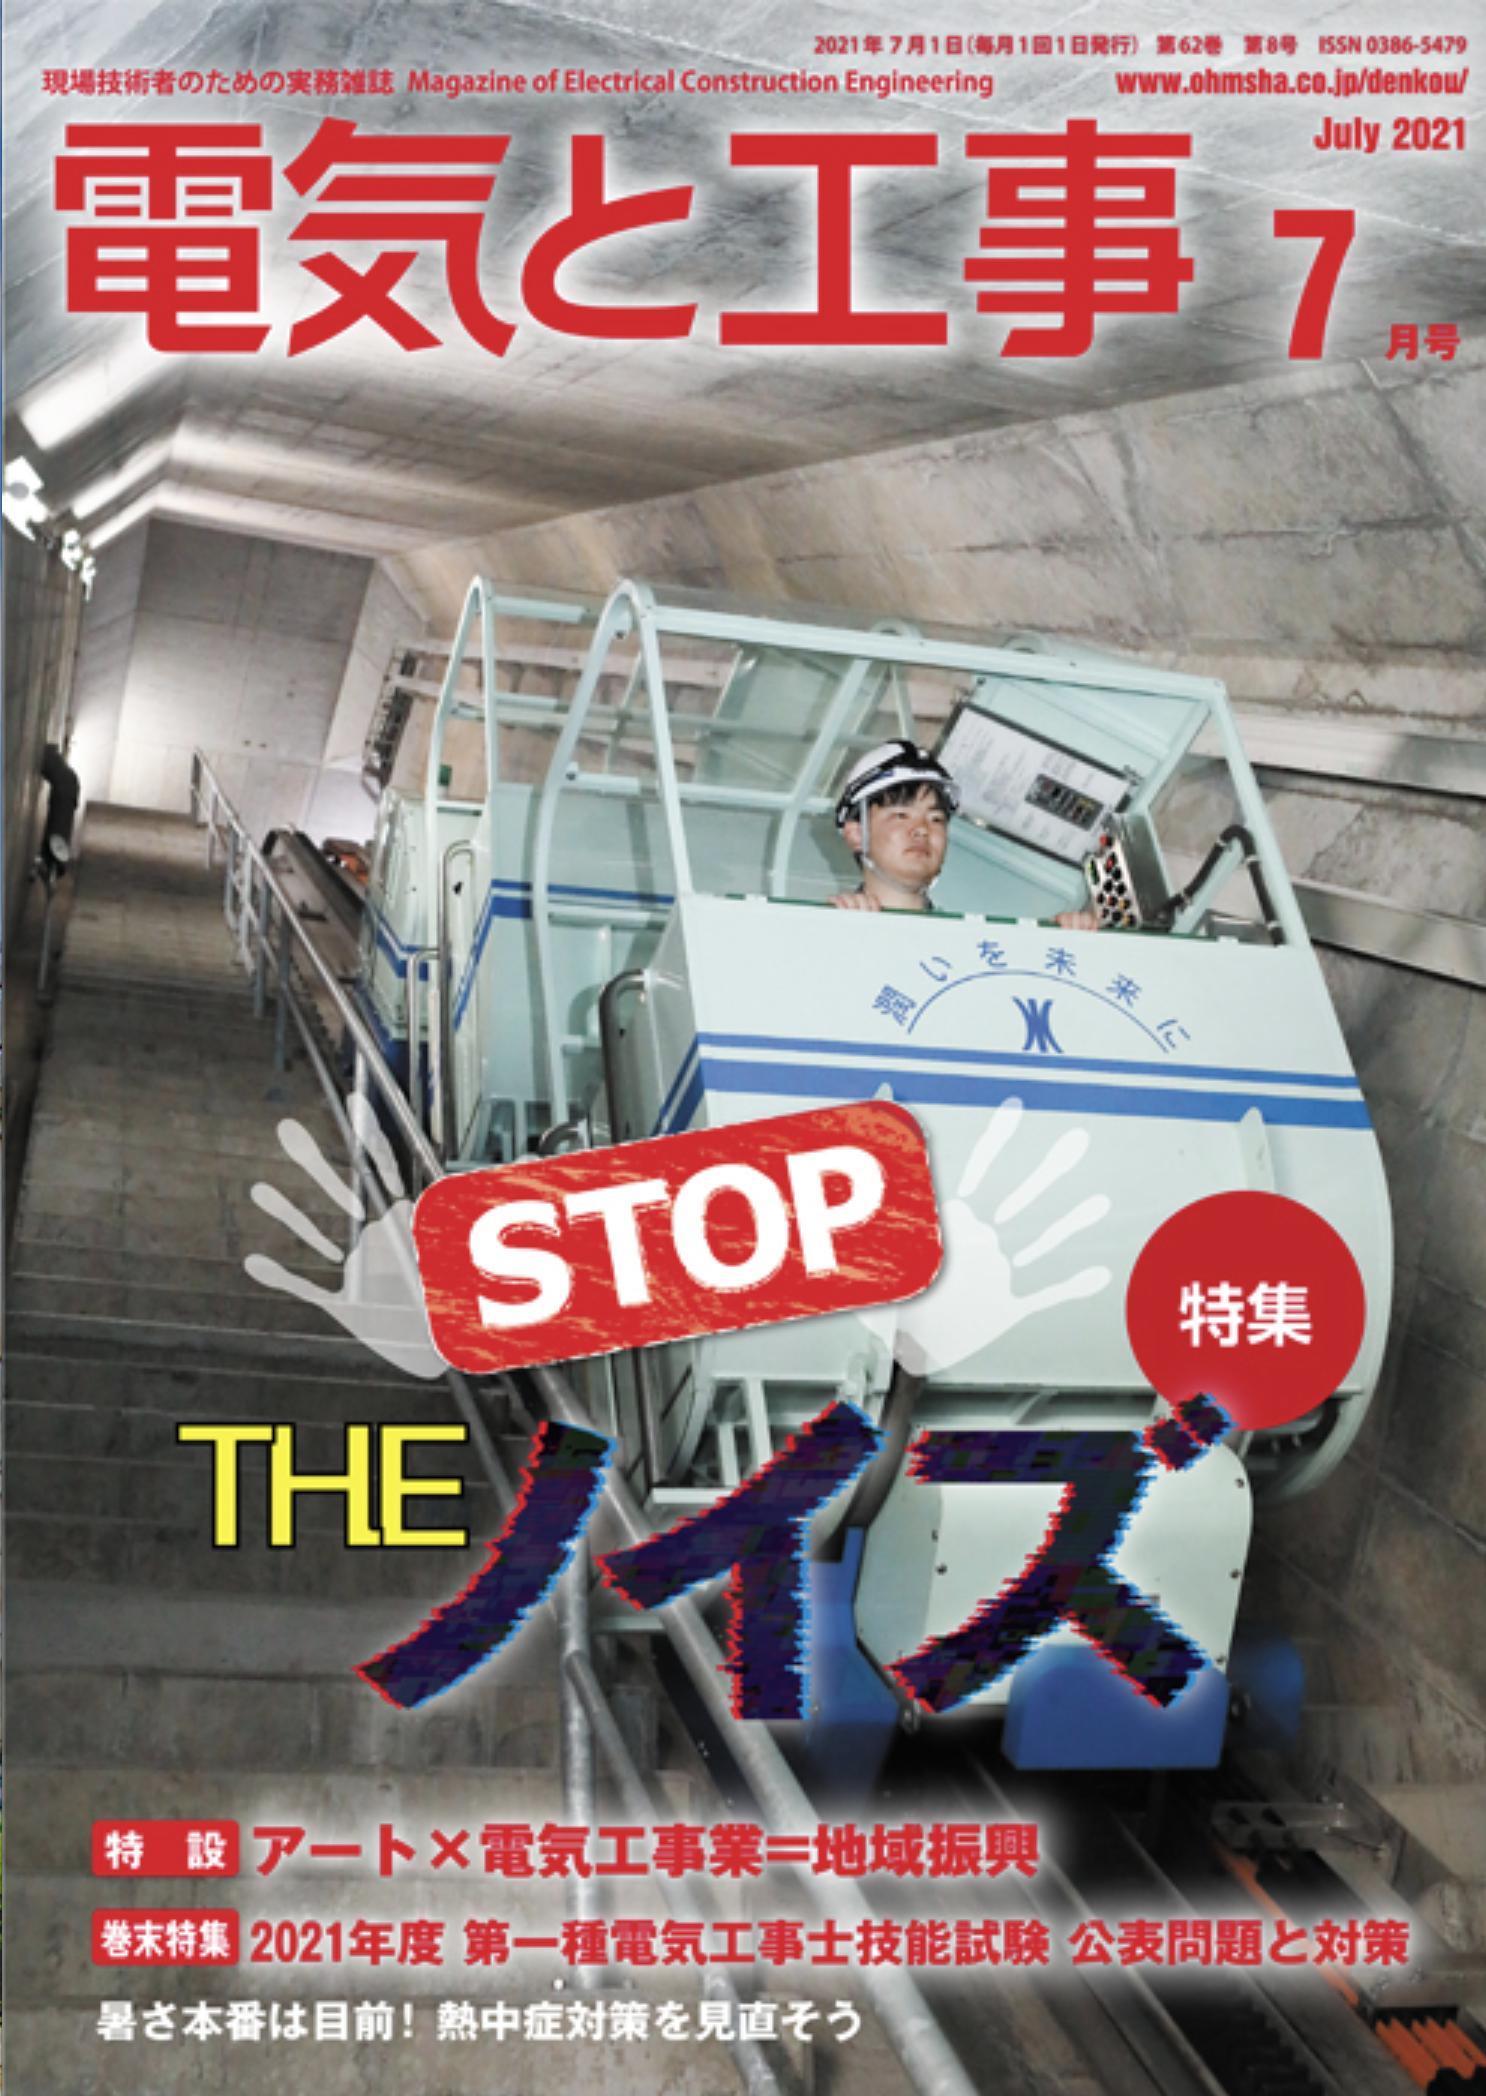 【新刊トピックス 2021年6月】電気と工事 2021年7月号 (第62巻第8号通巻815号)の画像